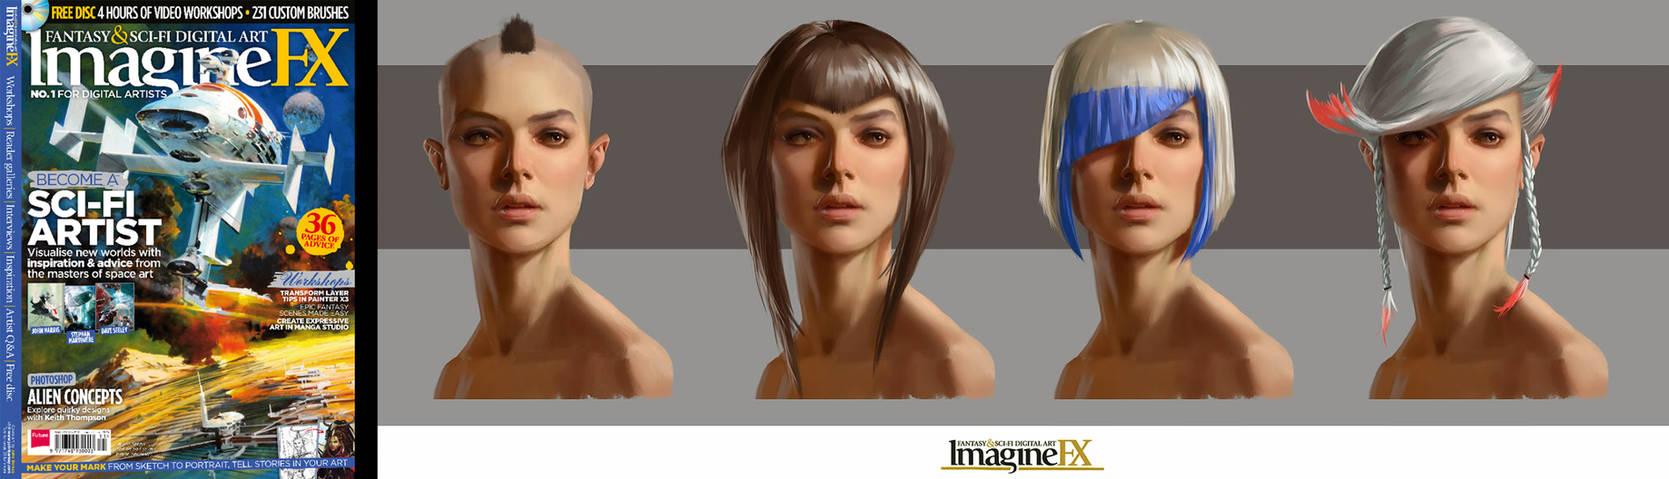 ImagineFX demo